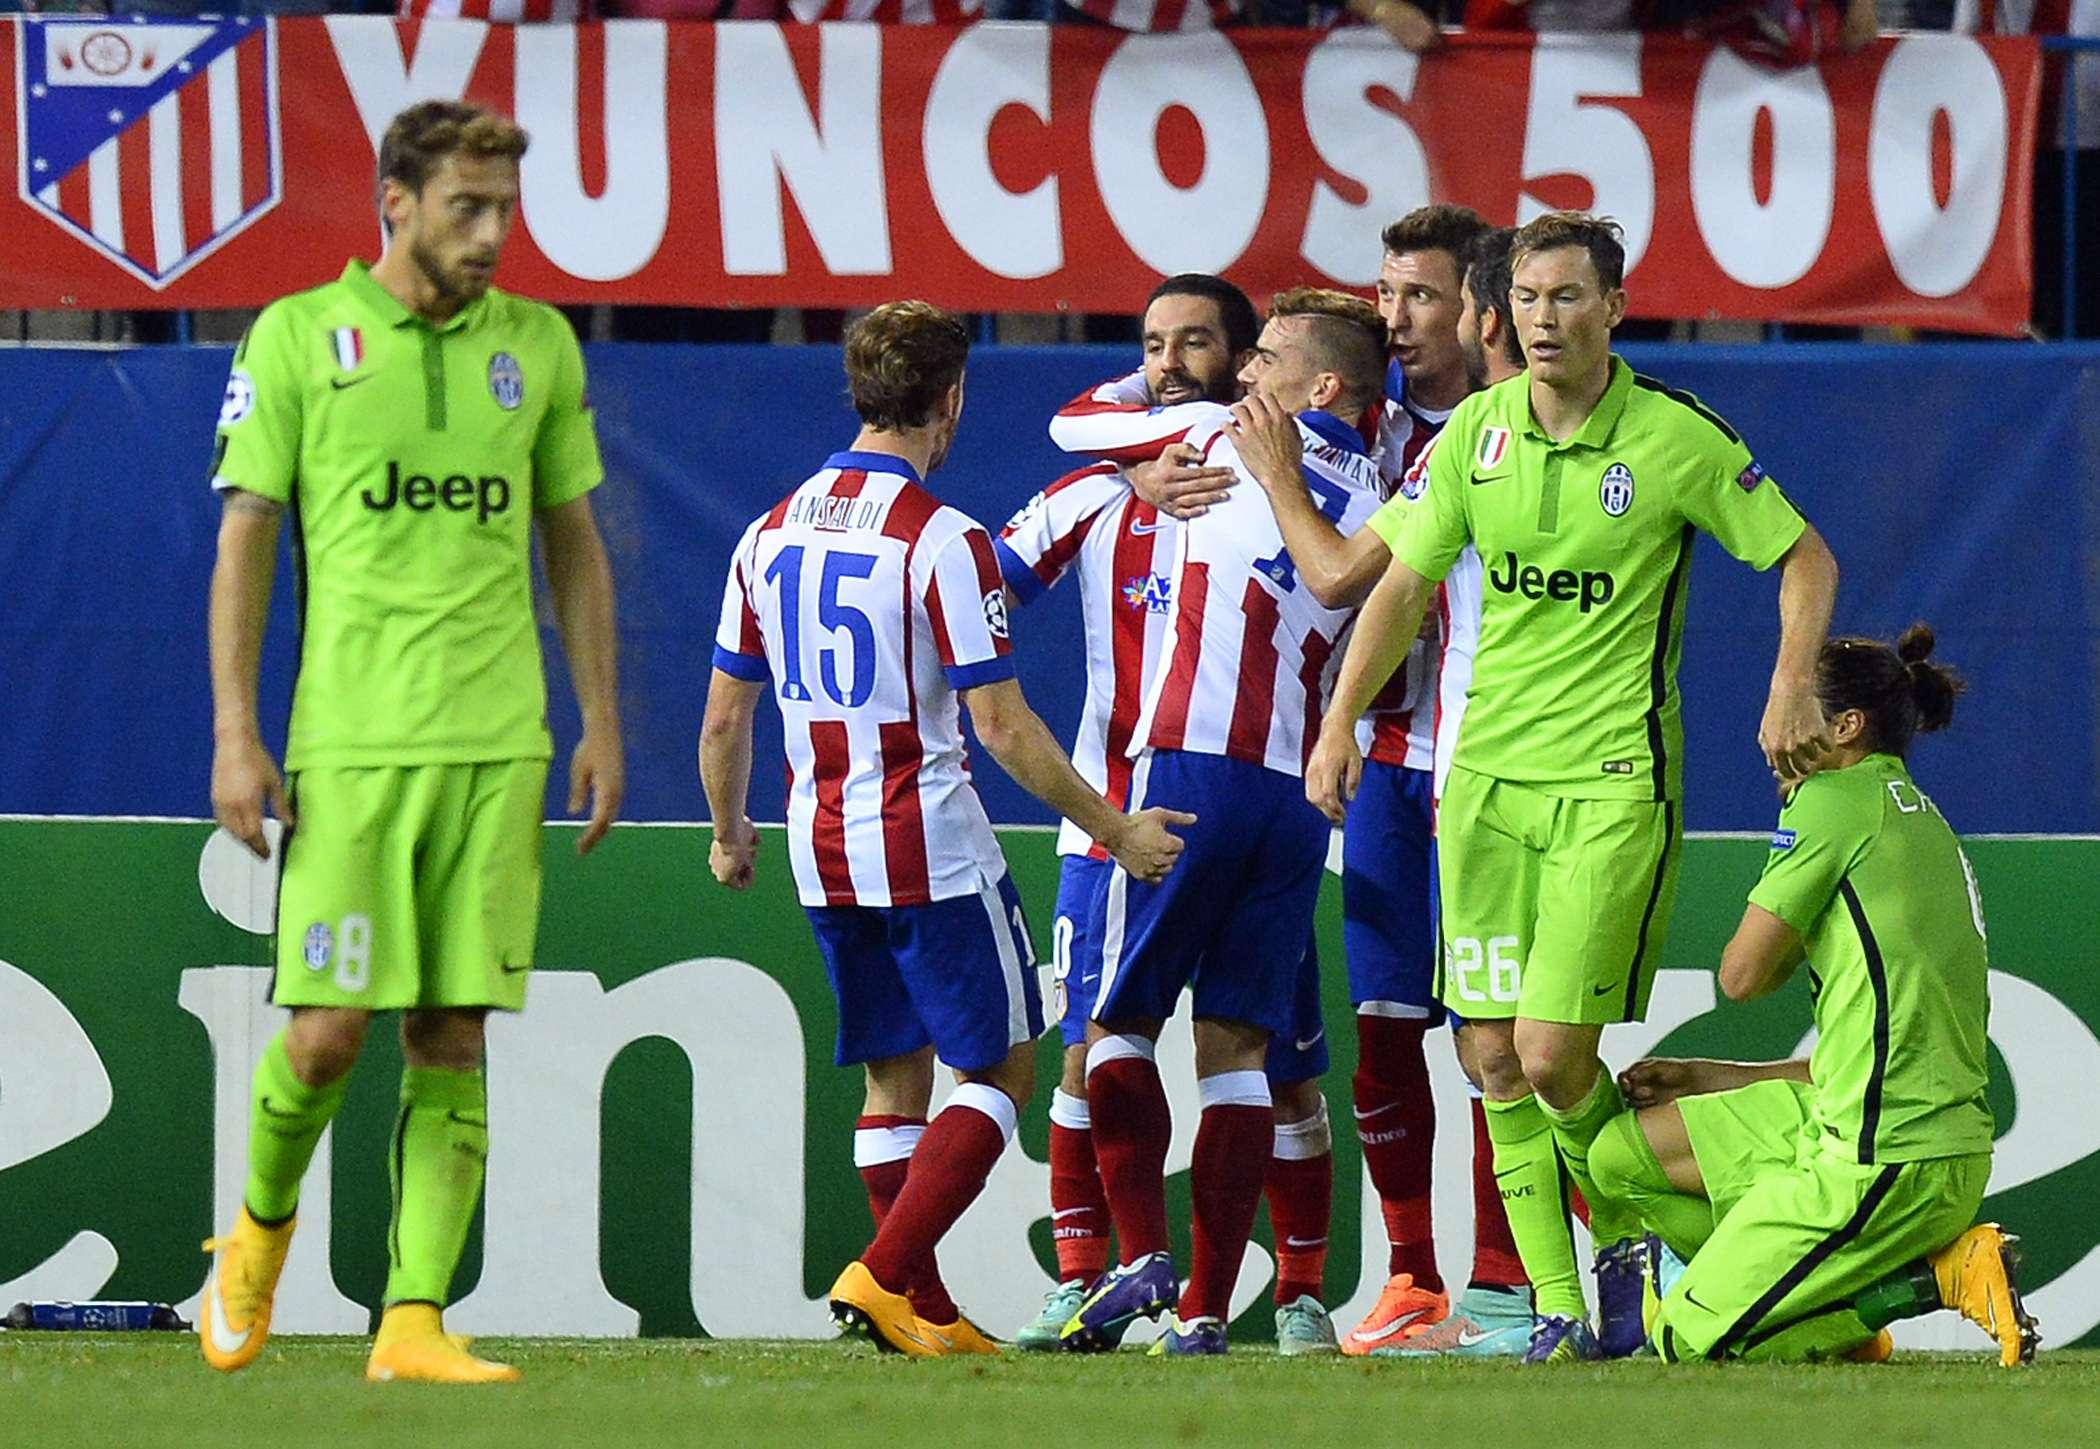 Jogadores do Atlético de Madrid comemoram vitória sobre a Juventus Foto: Gerard Julien/AFP